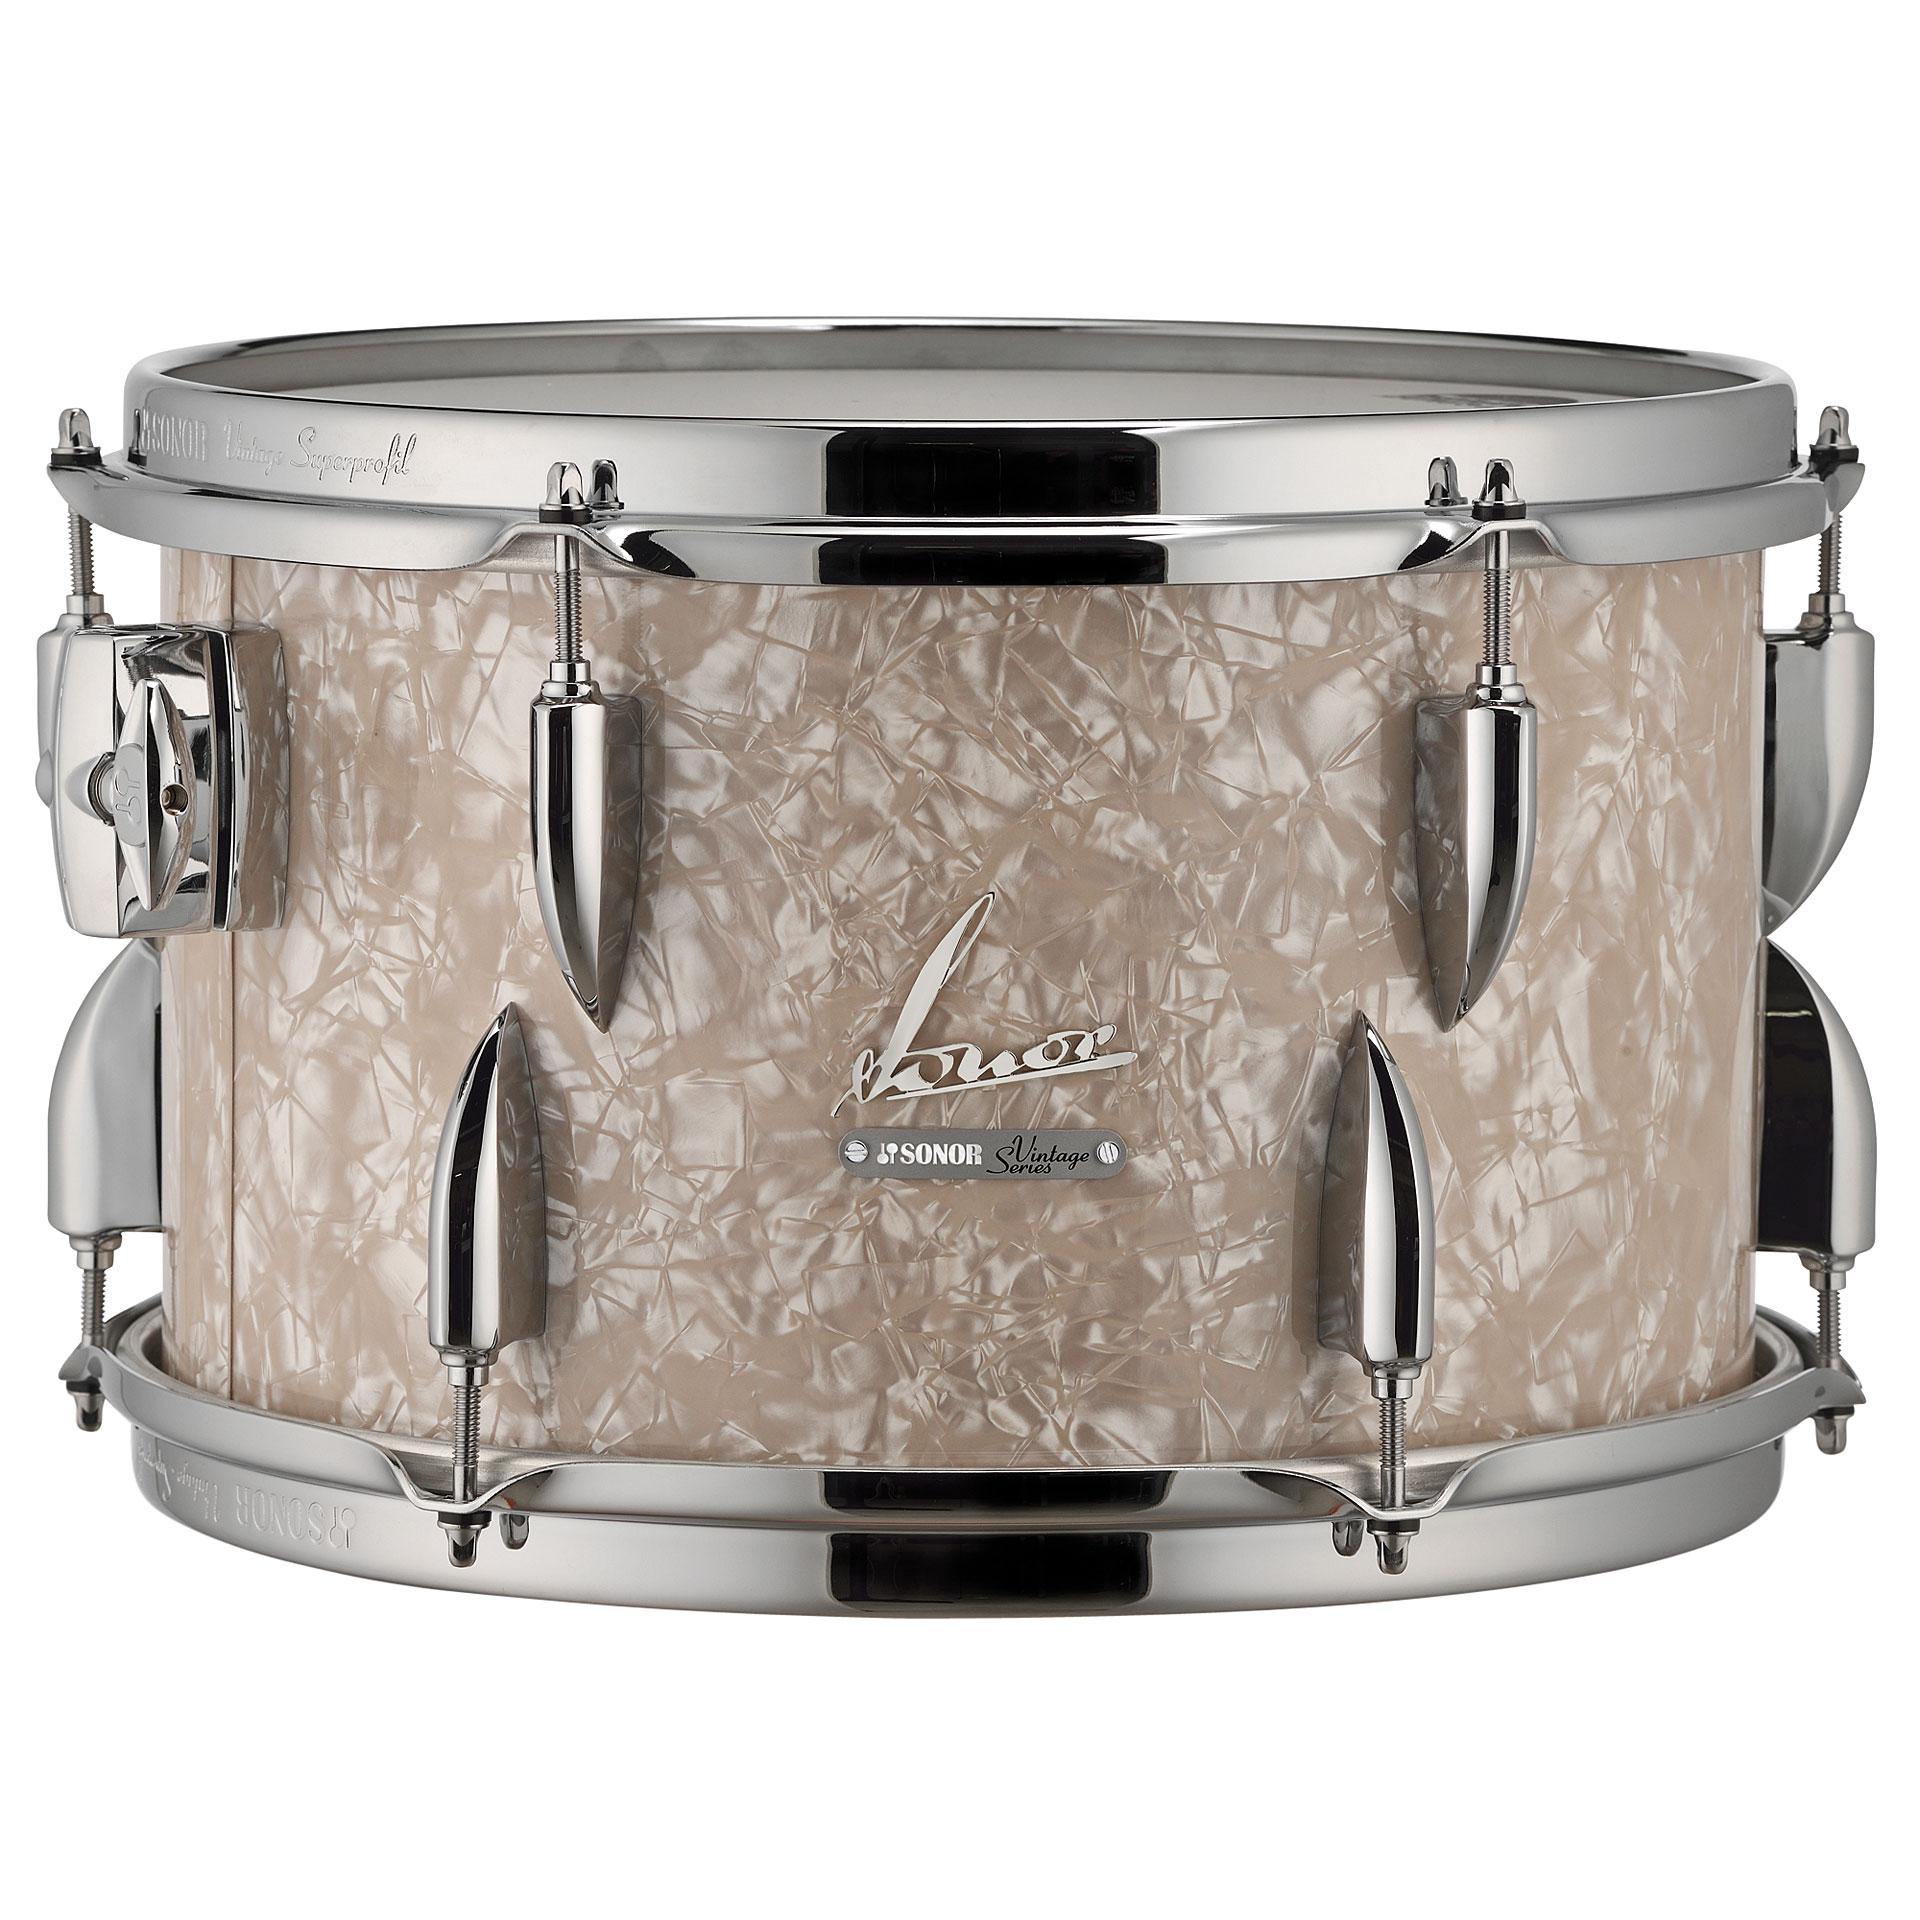 sonor vintage series vt15 rock1 vintage pearl drum kit. Black Bedroom Furniture Sets. Home Design Ideas